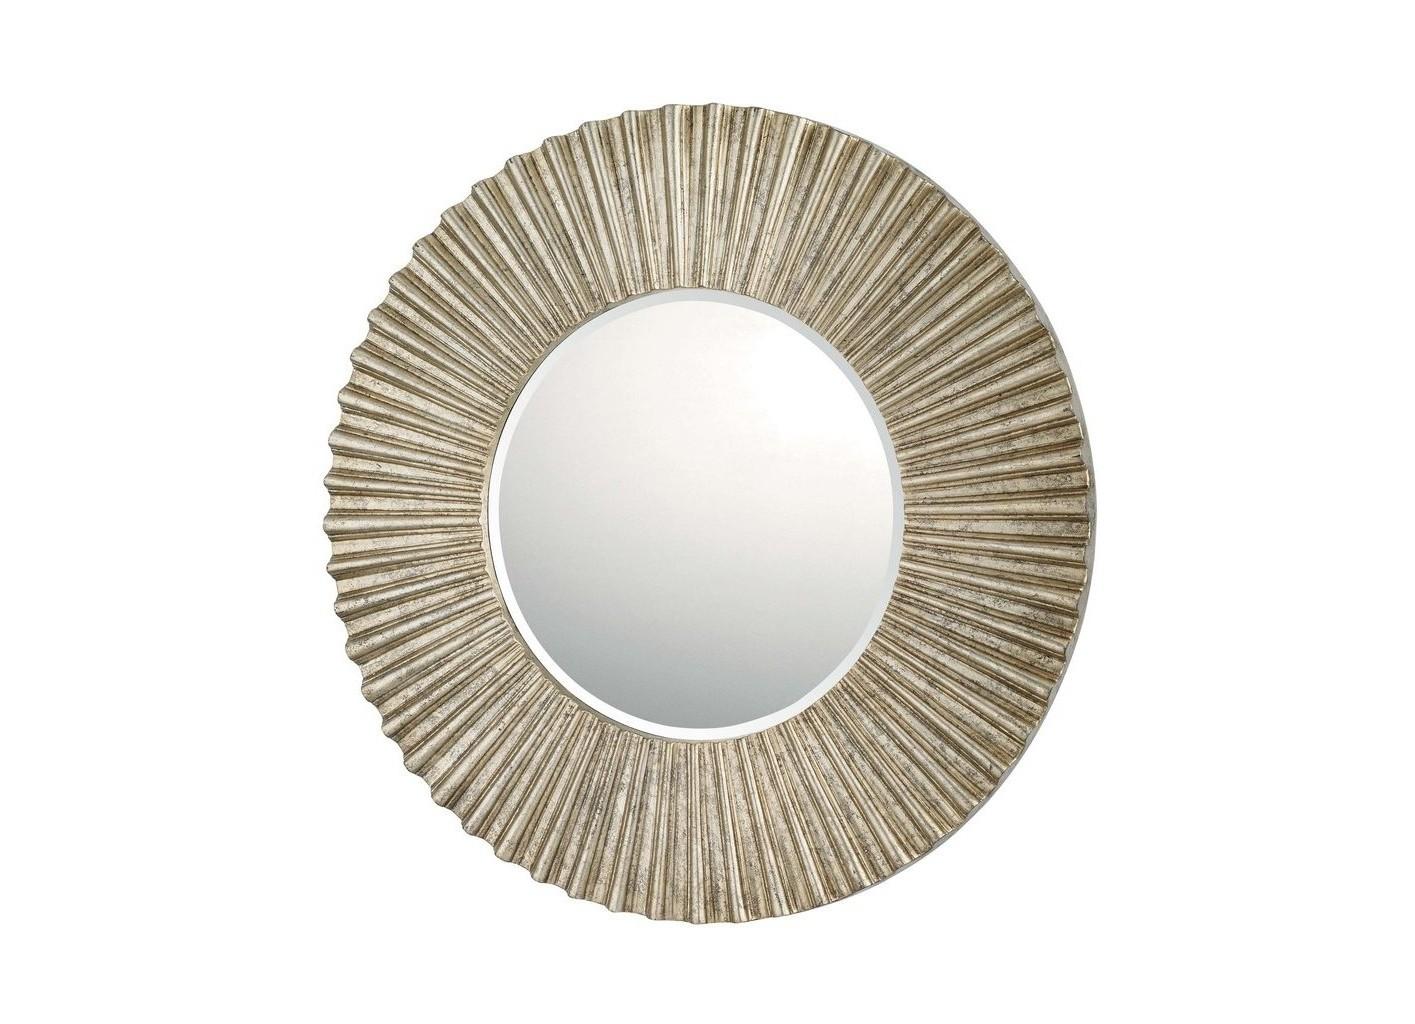 Зеркало ЛетицияНастенные зеркала<br>&amp;lt;span style=&amp;quot;font-size: 14px;&amp;quot;&amp;gt;Крепления входят в стоимость.&amp;lt;/span&amp;gt;<br><br>Material: Пластик<br>Depth см: 4<br>Diameter см: 91